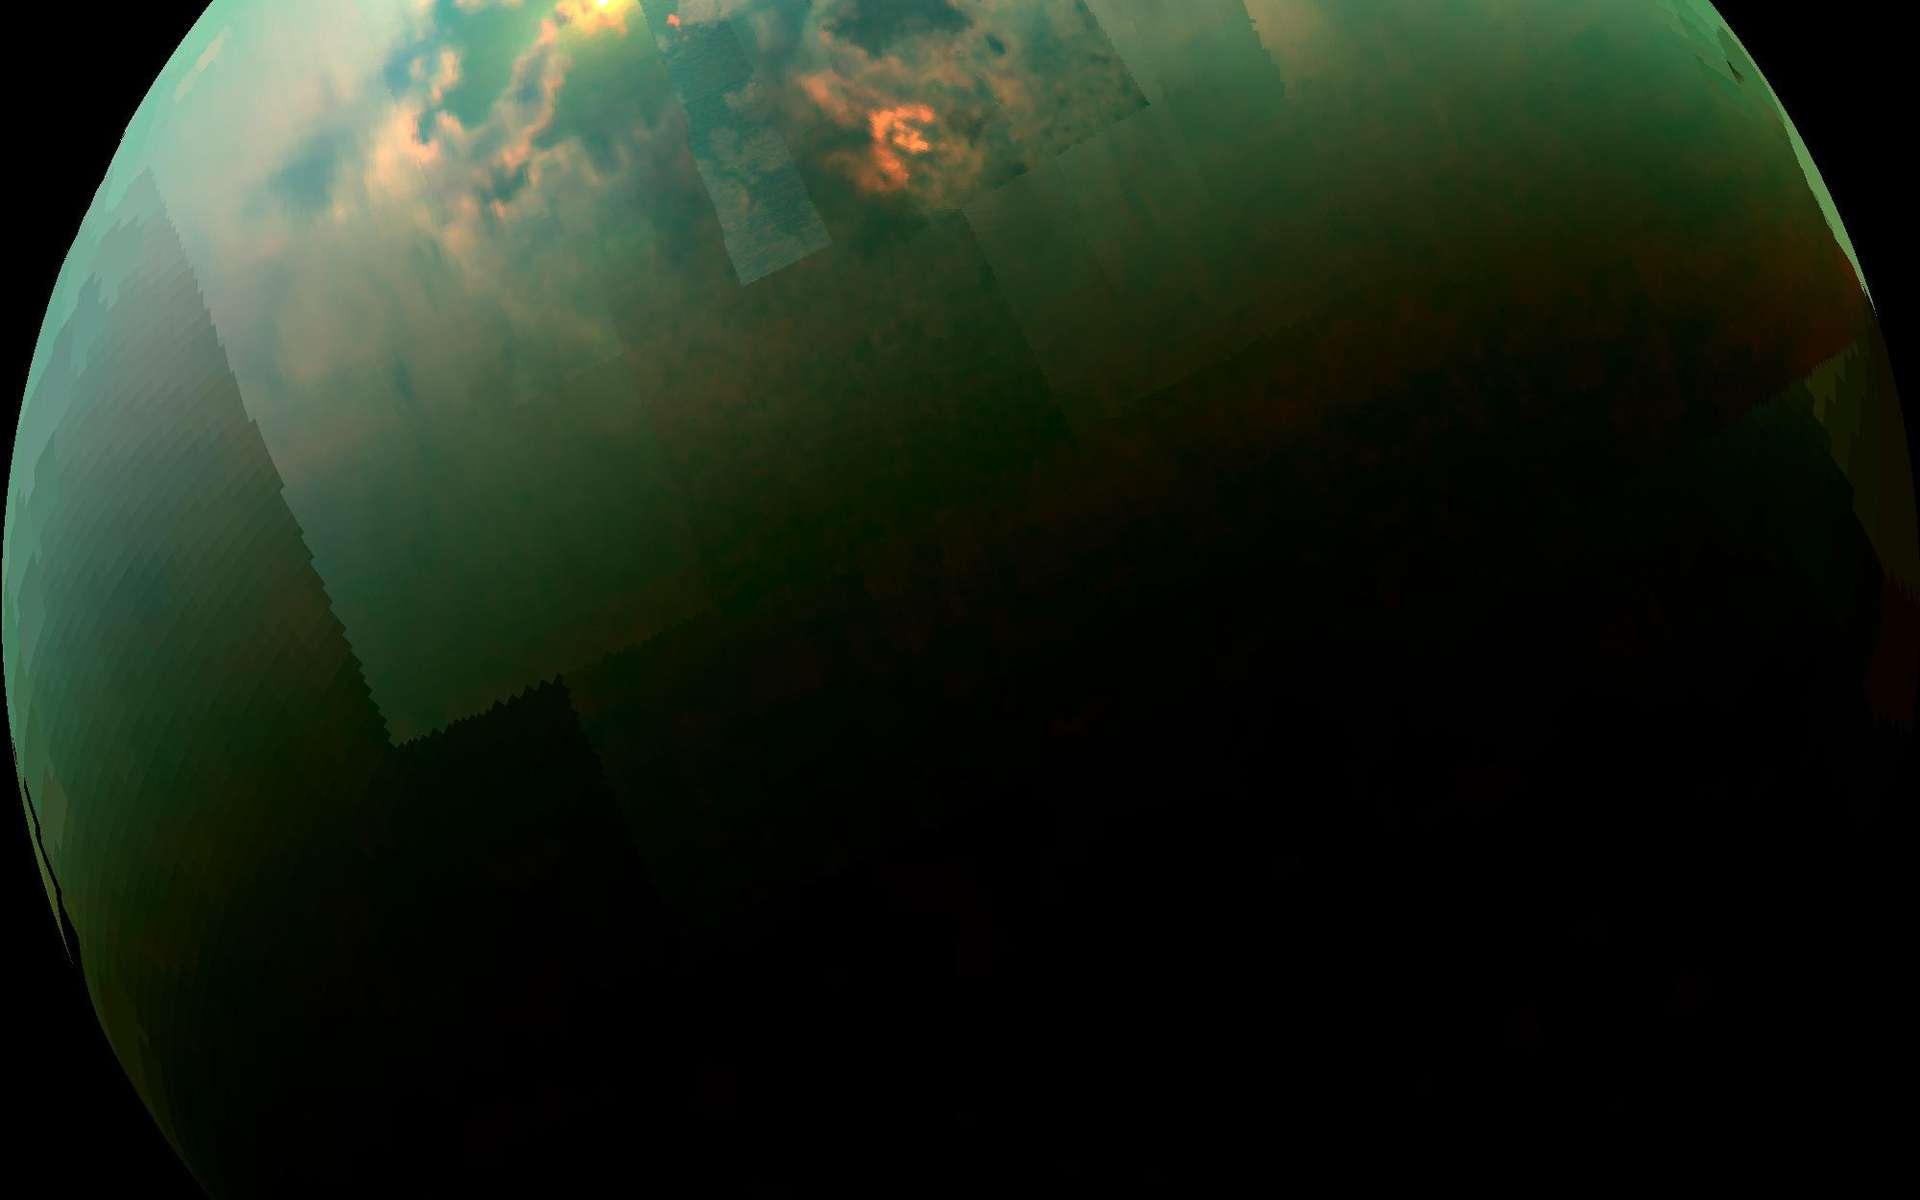 Quand le Soleil se reflète sur les mers de méthane liquide dans la région du pôle nord de Titan. Image réalisée à travers l'épaisse atmosphère avec l'instrument Vims (Visual and Infrared Mapping Spectrometer) de Cassini. © Nasa, JPL-Caltech, University of Arizona, University of Idaho